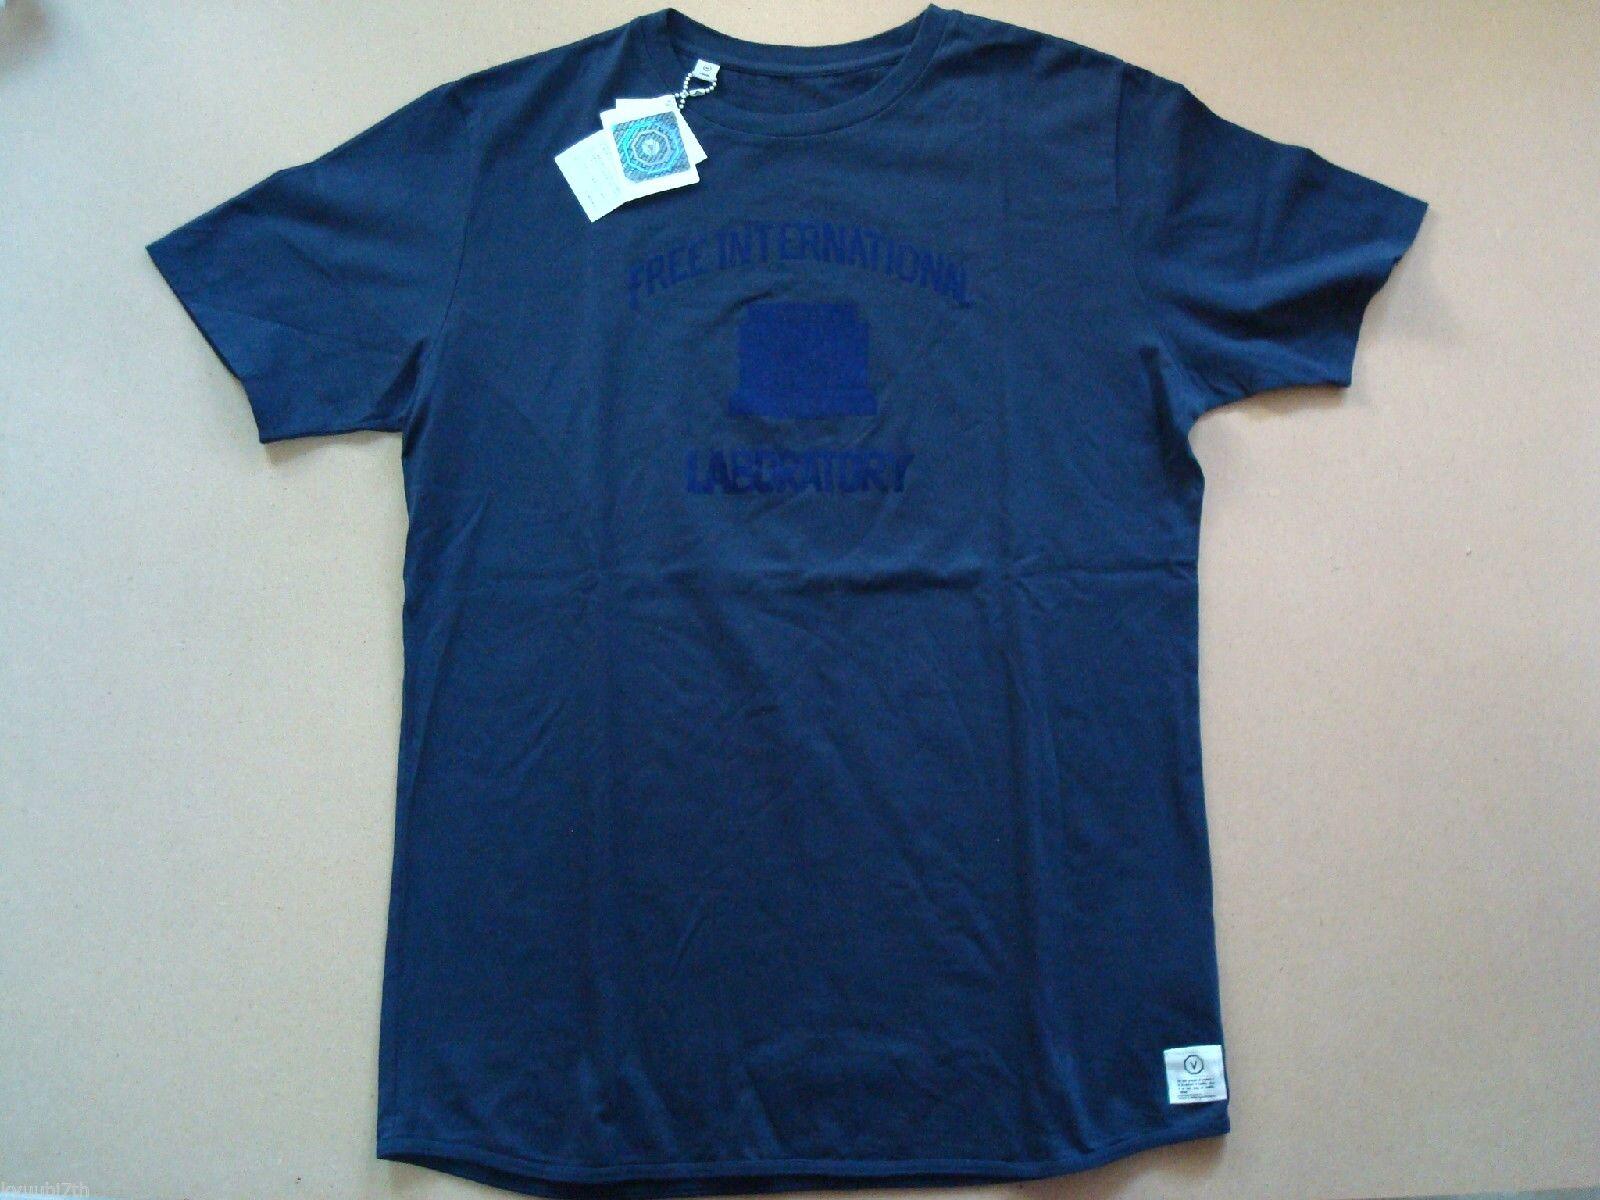 Visvim FIL logo T-Shirt, 300+ made in Japan Visvim japan FIL visvim fbt